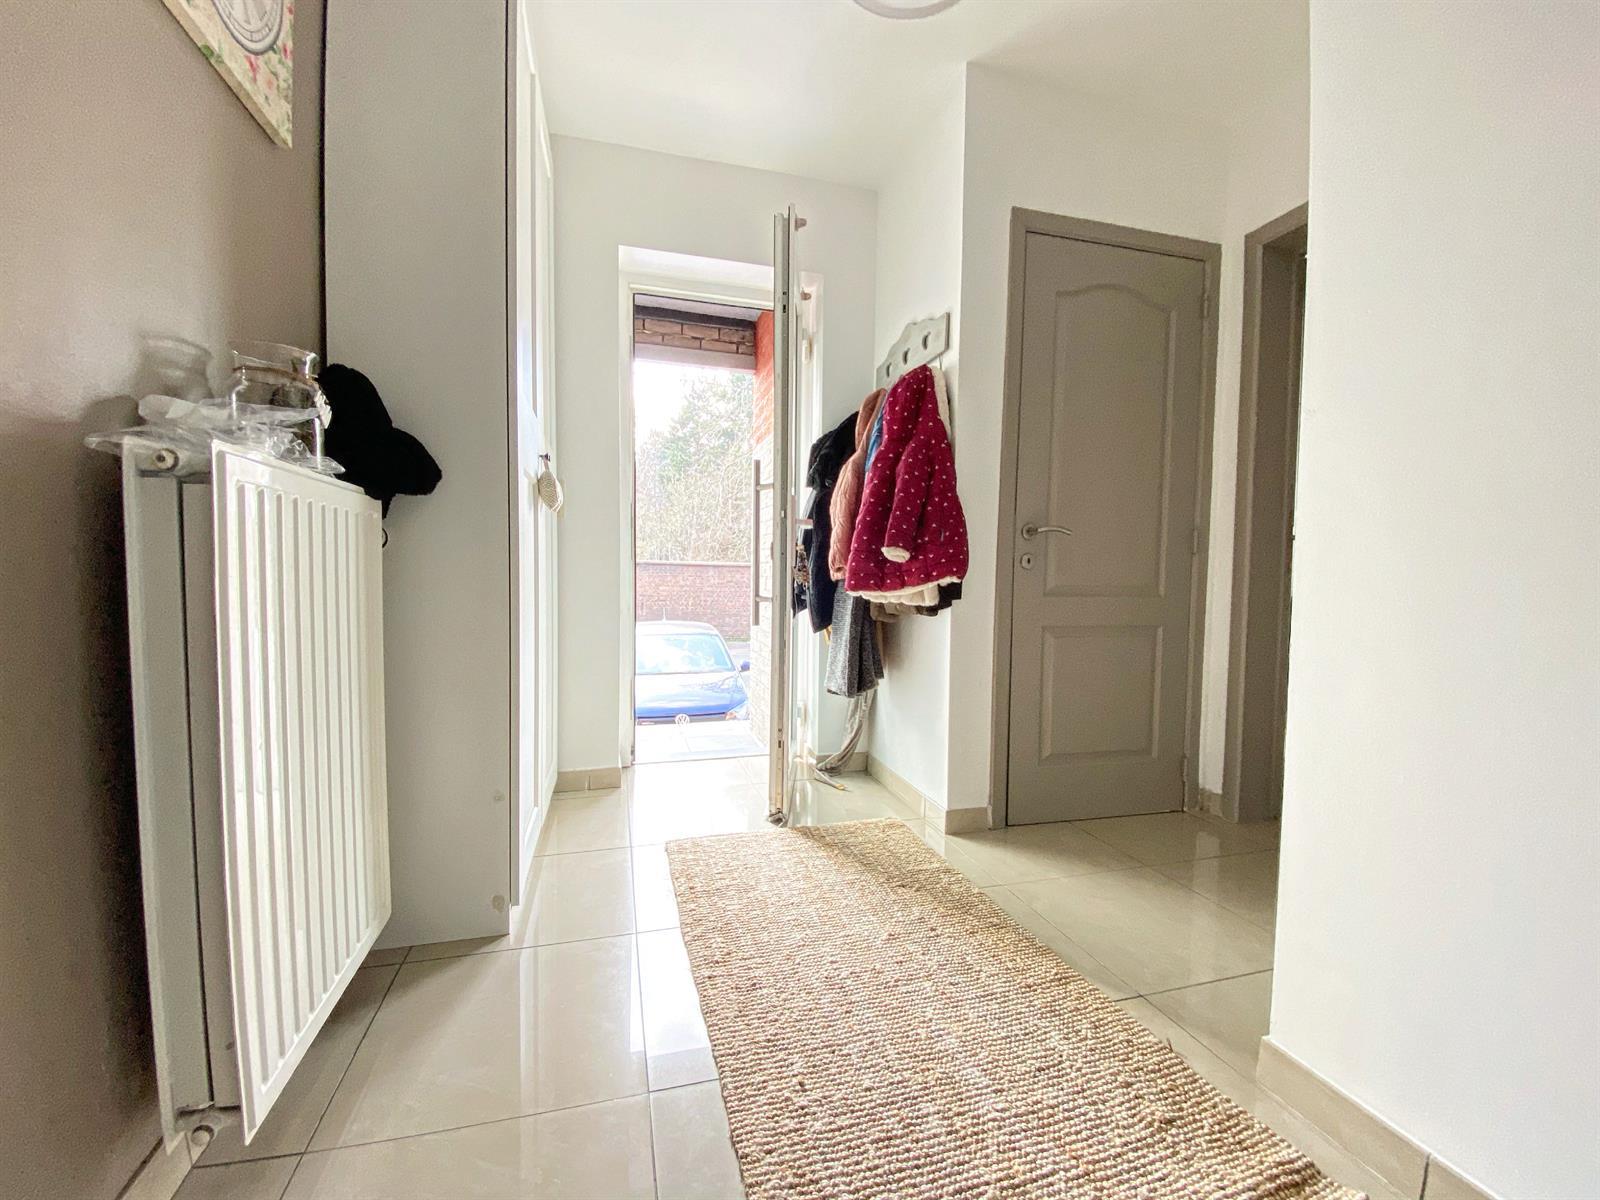 Maison - Liege - #4303959-3